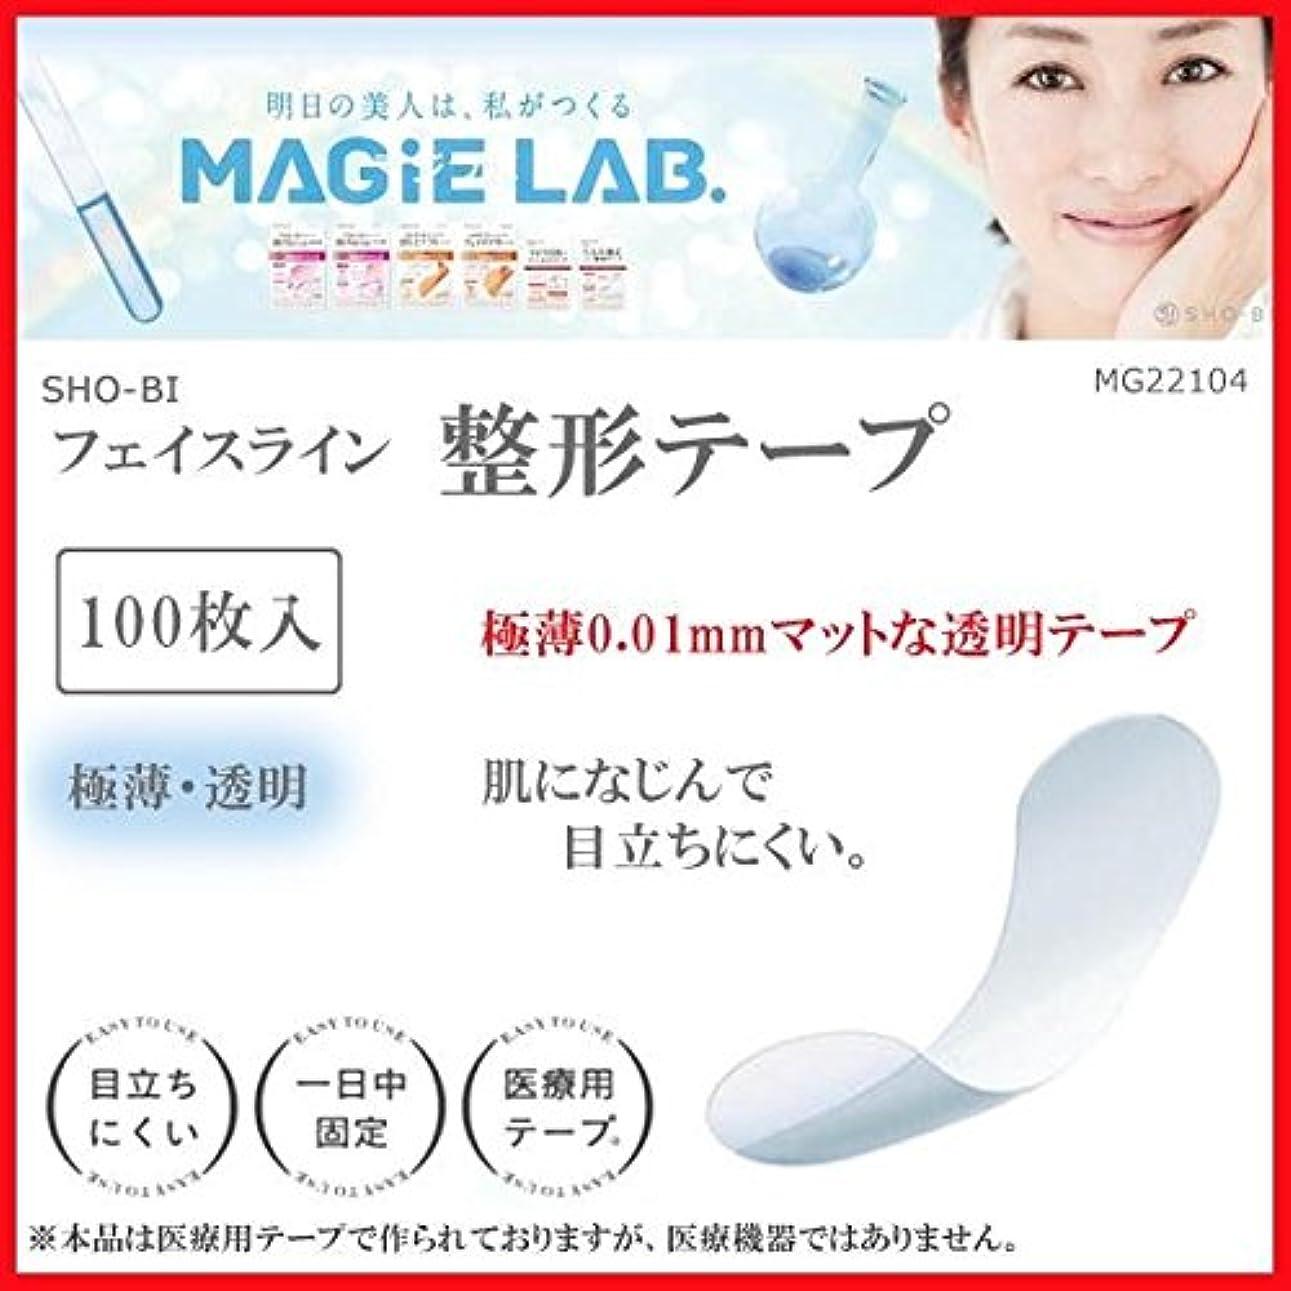 あざ日食乳製品SHO-BI MAGiE LAB.(マジラボ) フェイスライン整形テープ 100枚入 MG22104